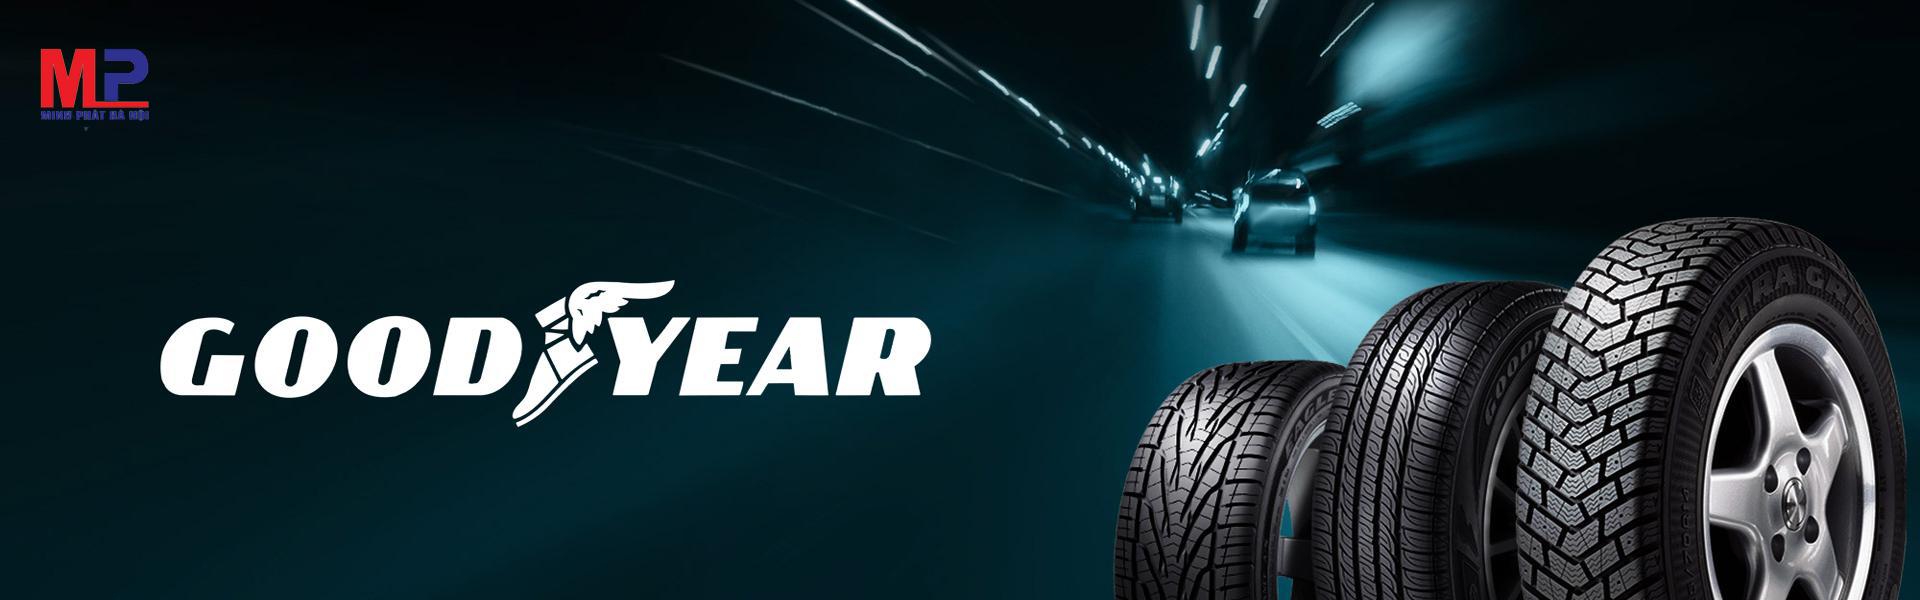 Lốp Goodyear có nhiều mẫu mã đa dạng cho người sử dụng